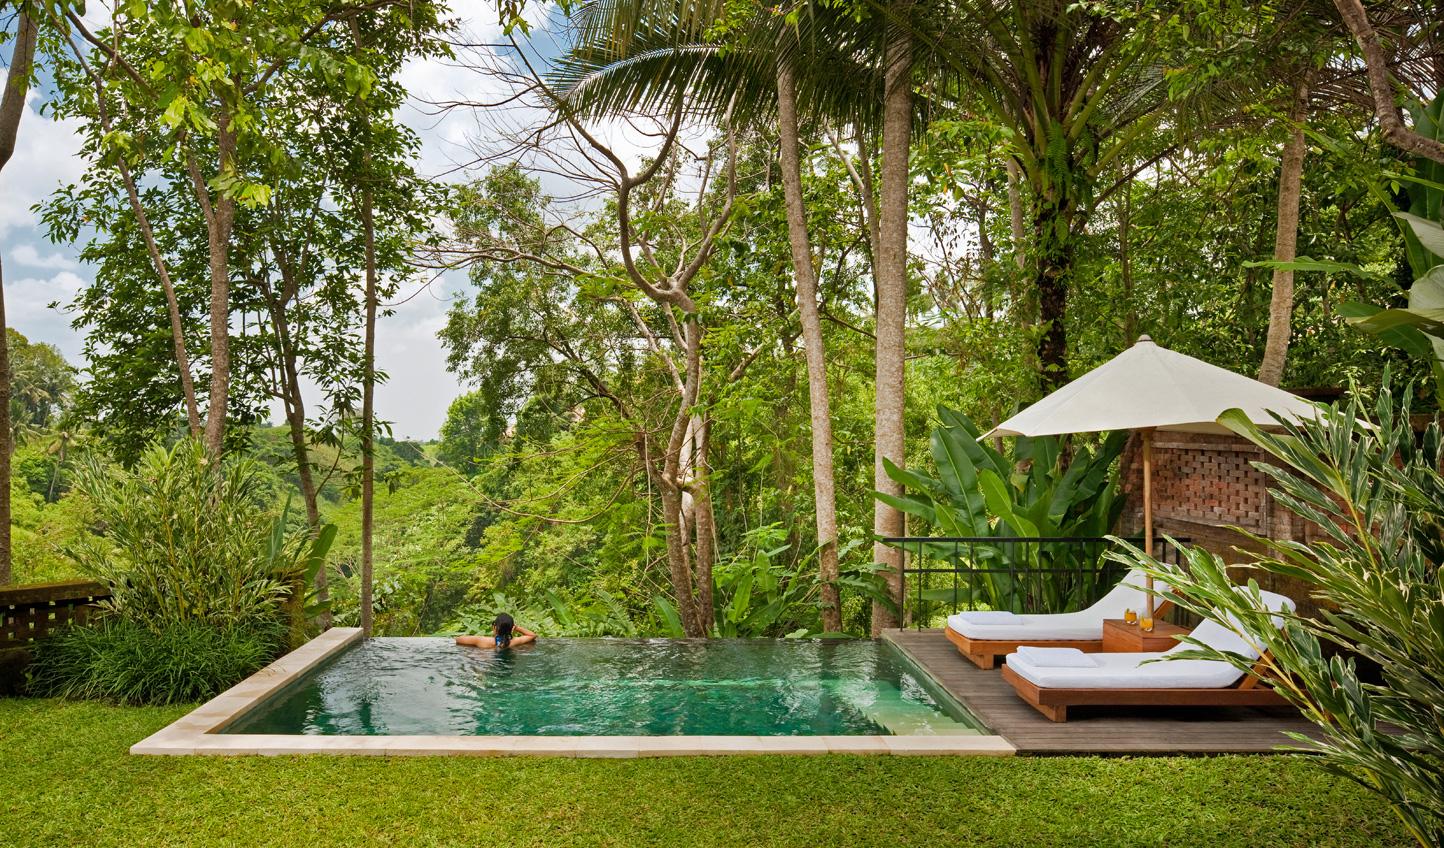 A tropical getaway in mystical Ubud